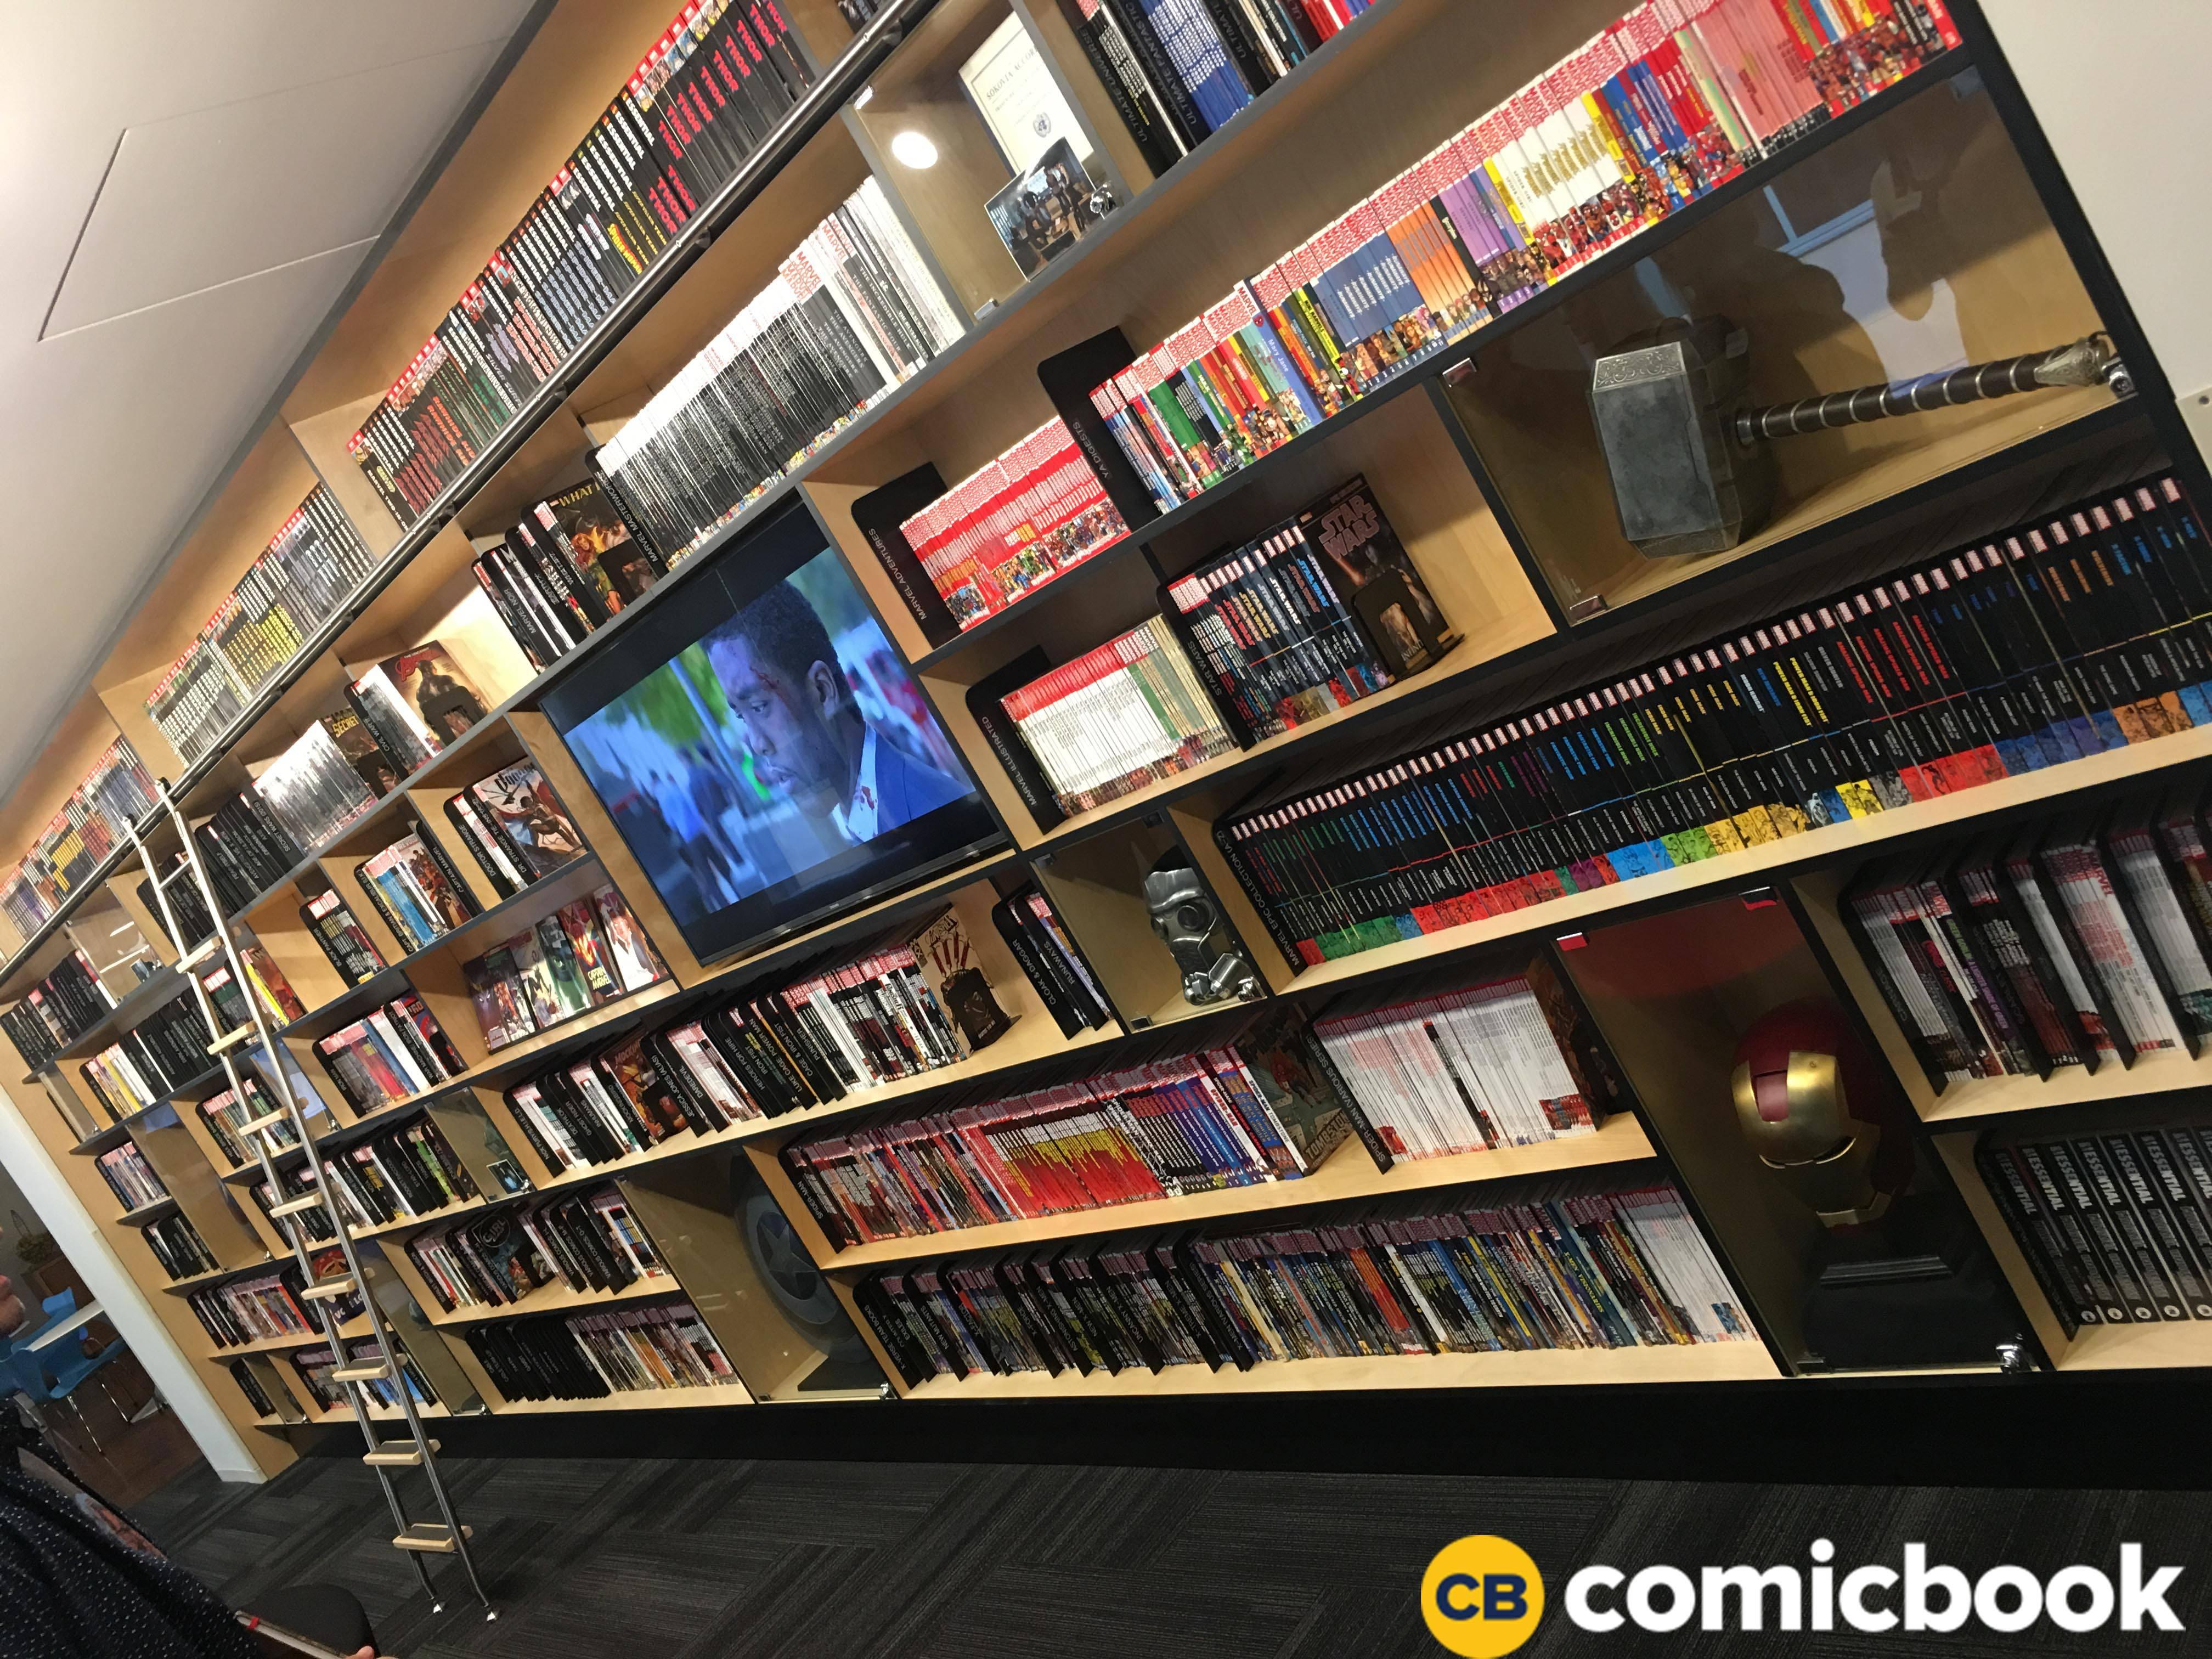 Marvel_Studios_Comic_Shelves